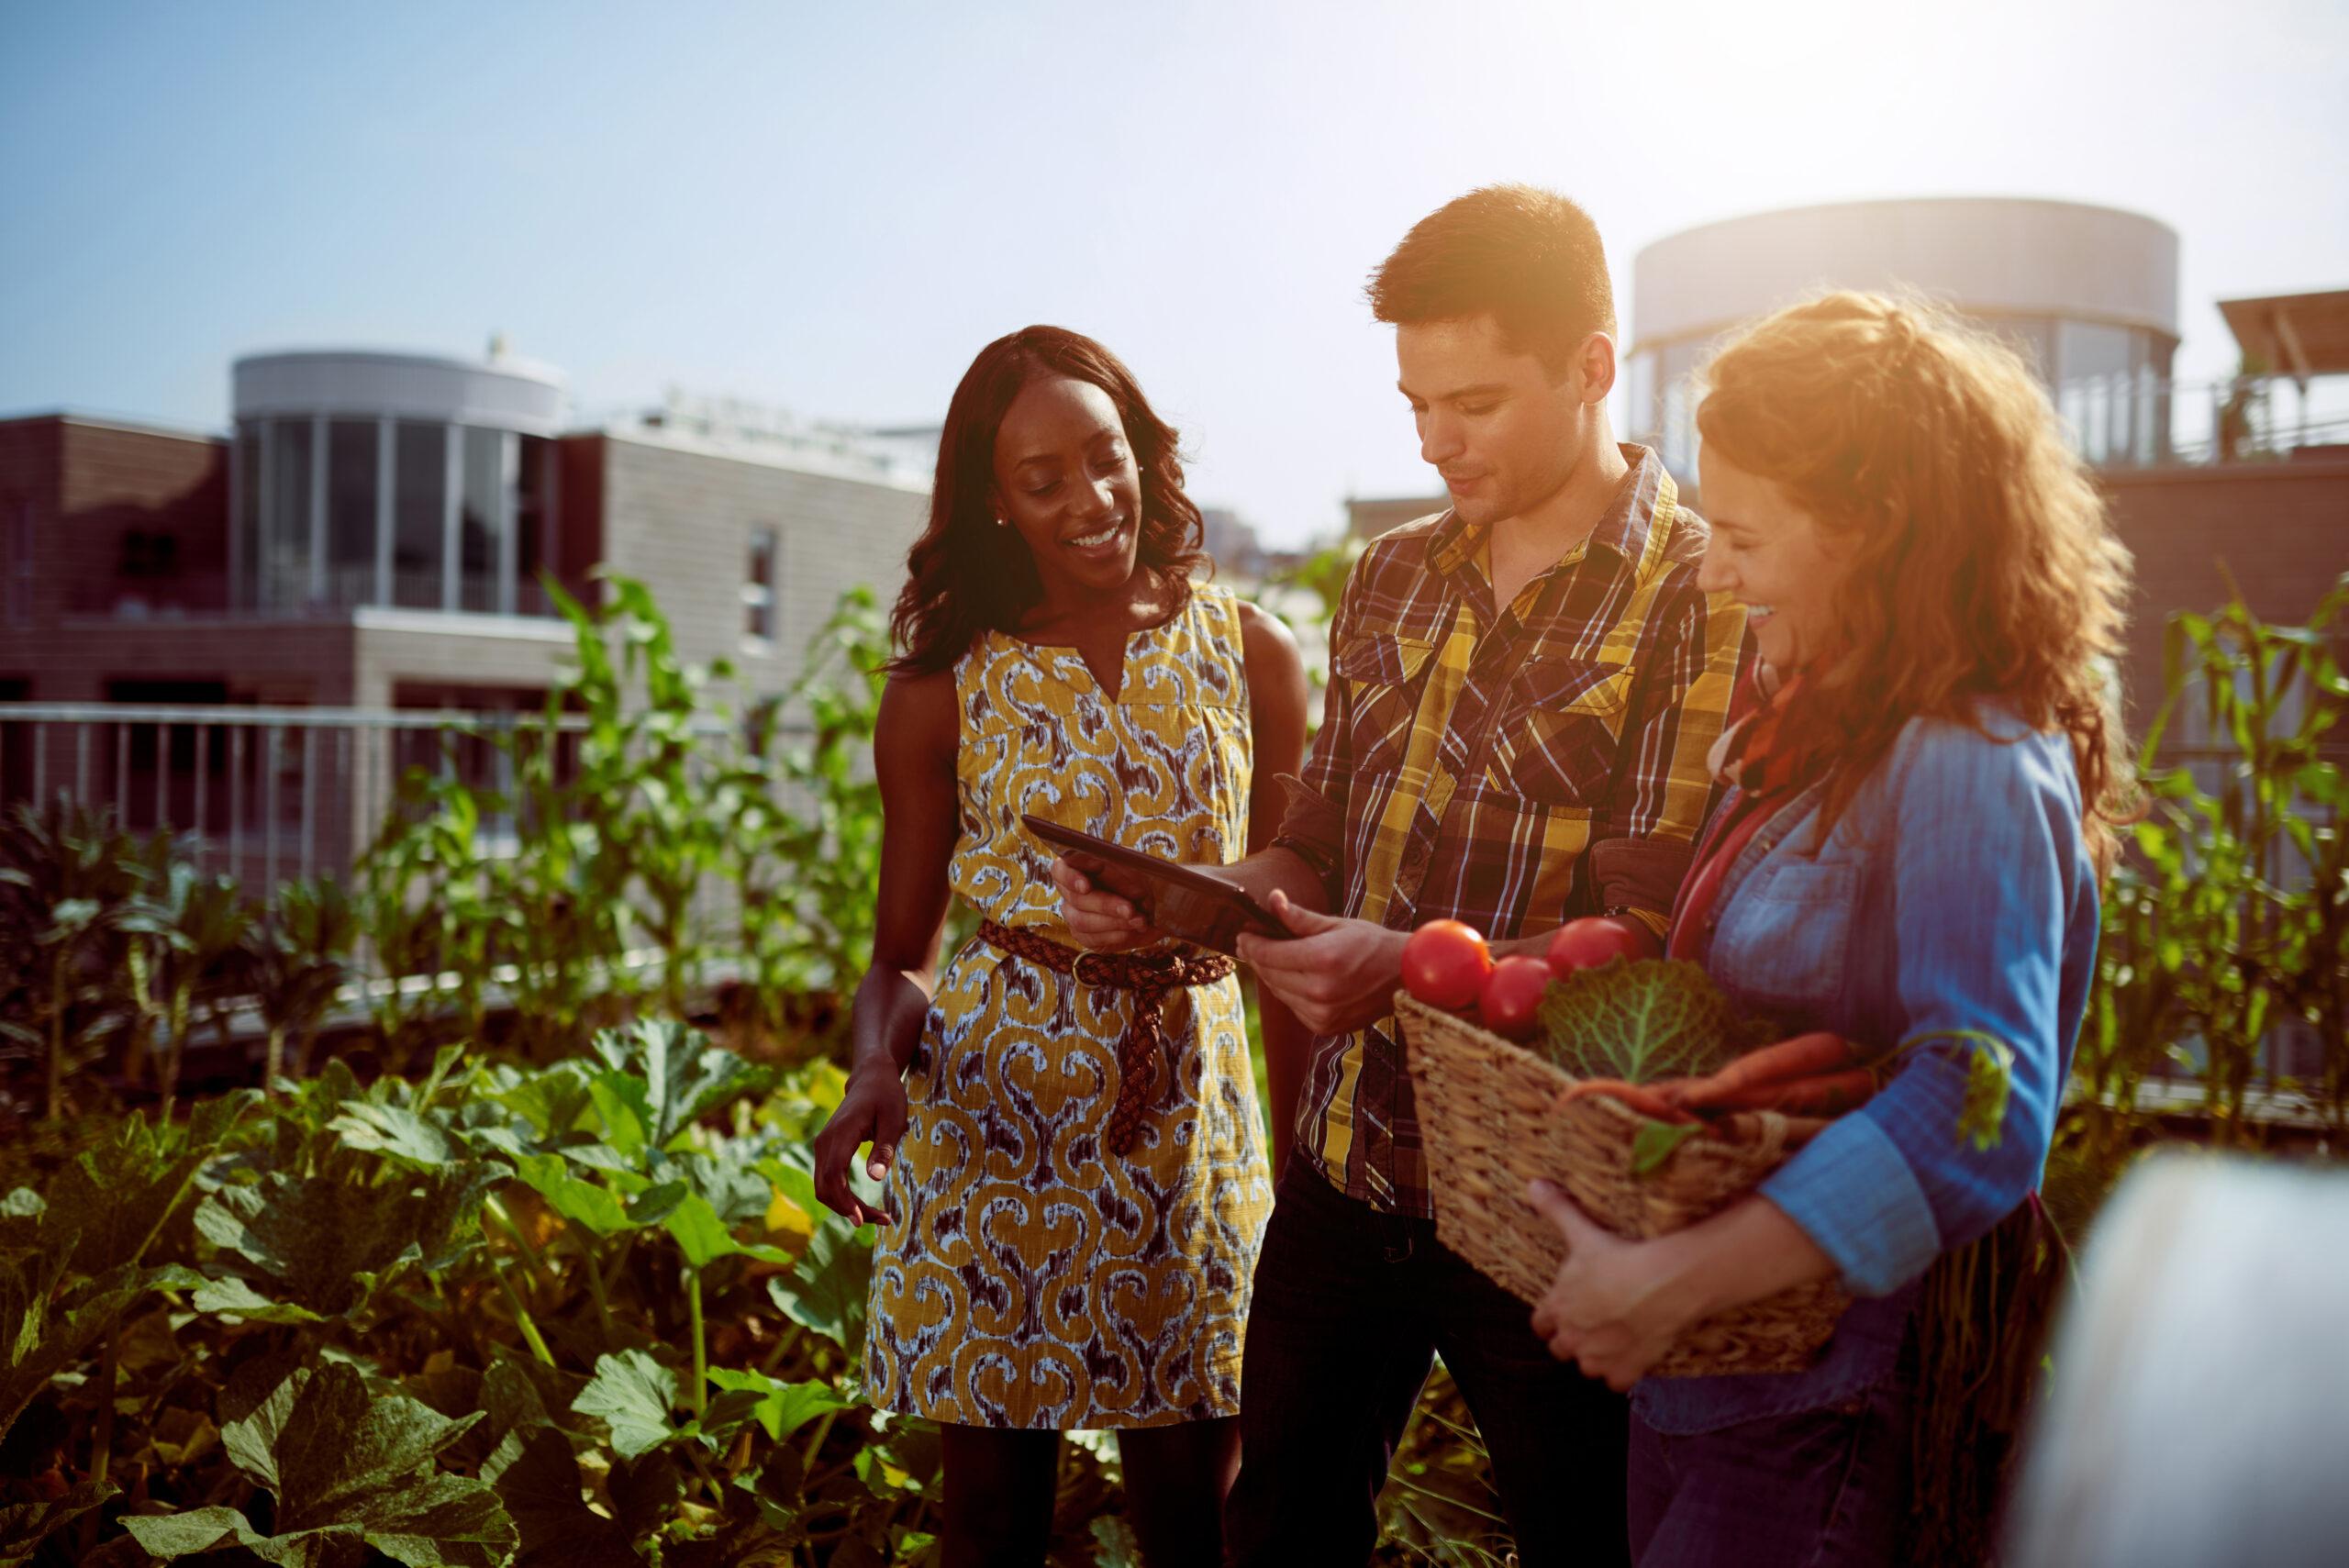 Nachhaltige Investments verstärkt bei jungen Städtern